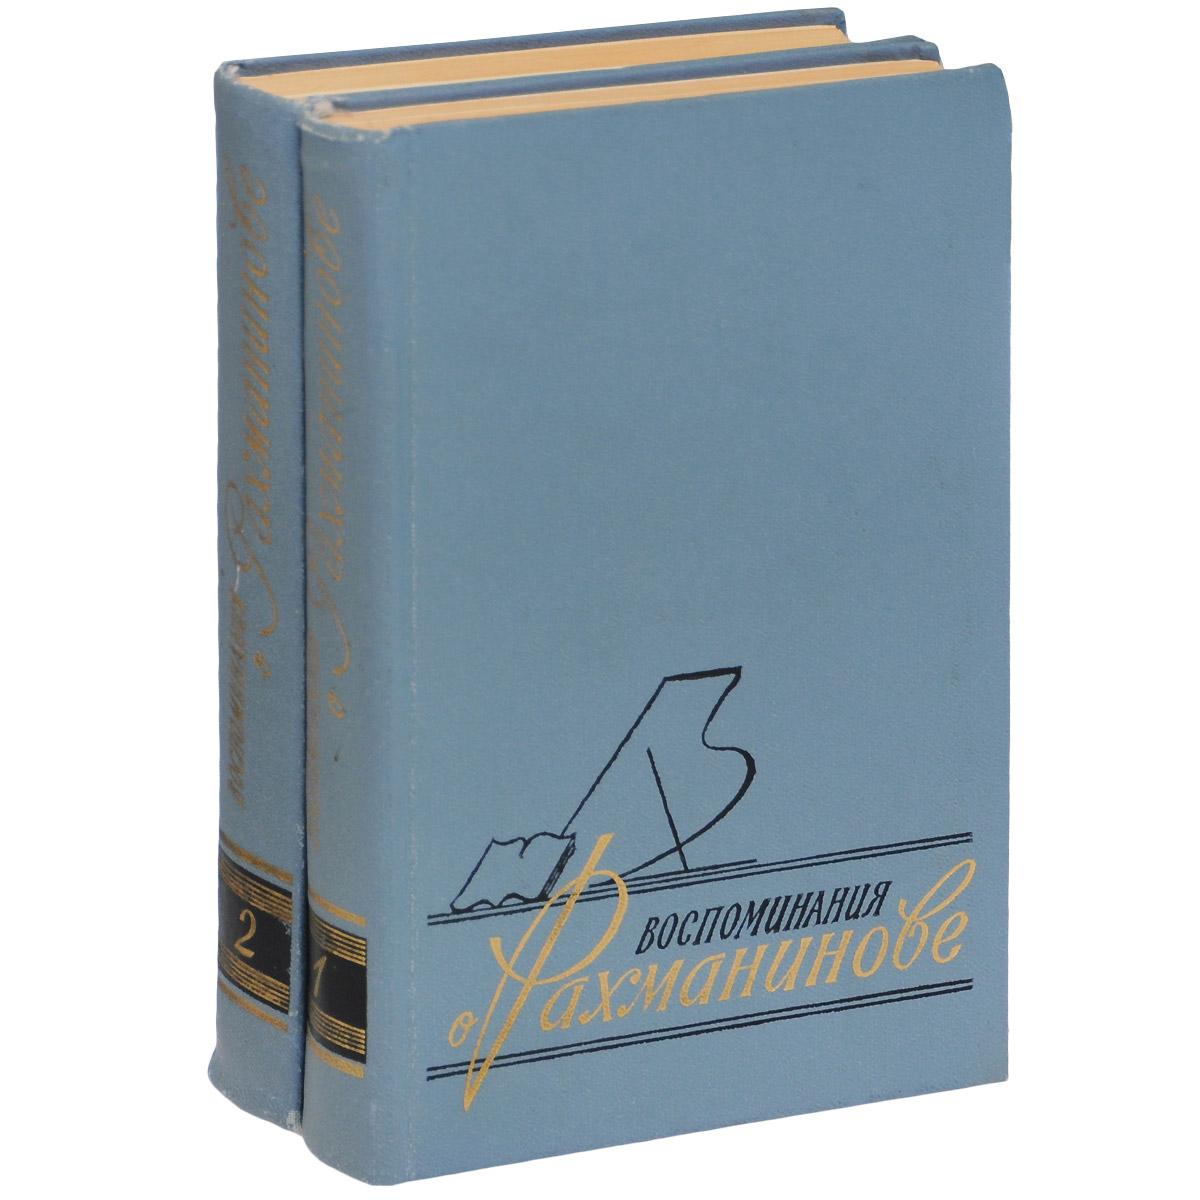 Воспоминания о Рахманинове (комплект из 2 книг)